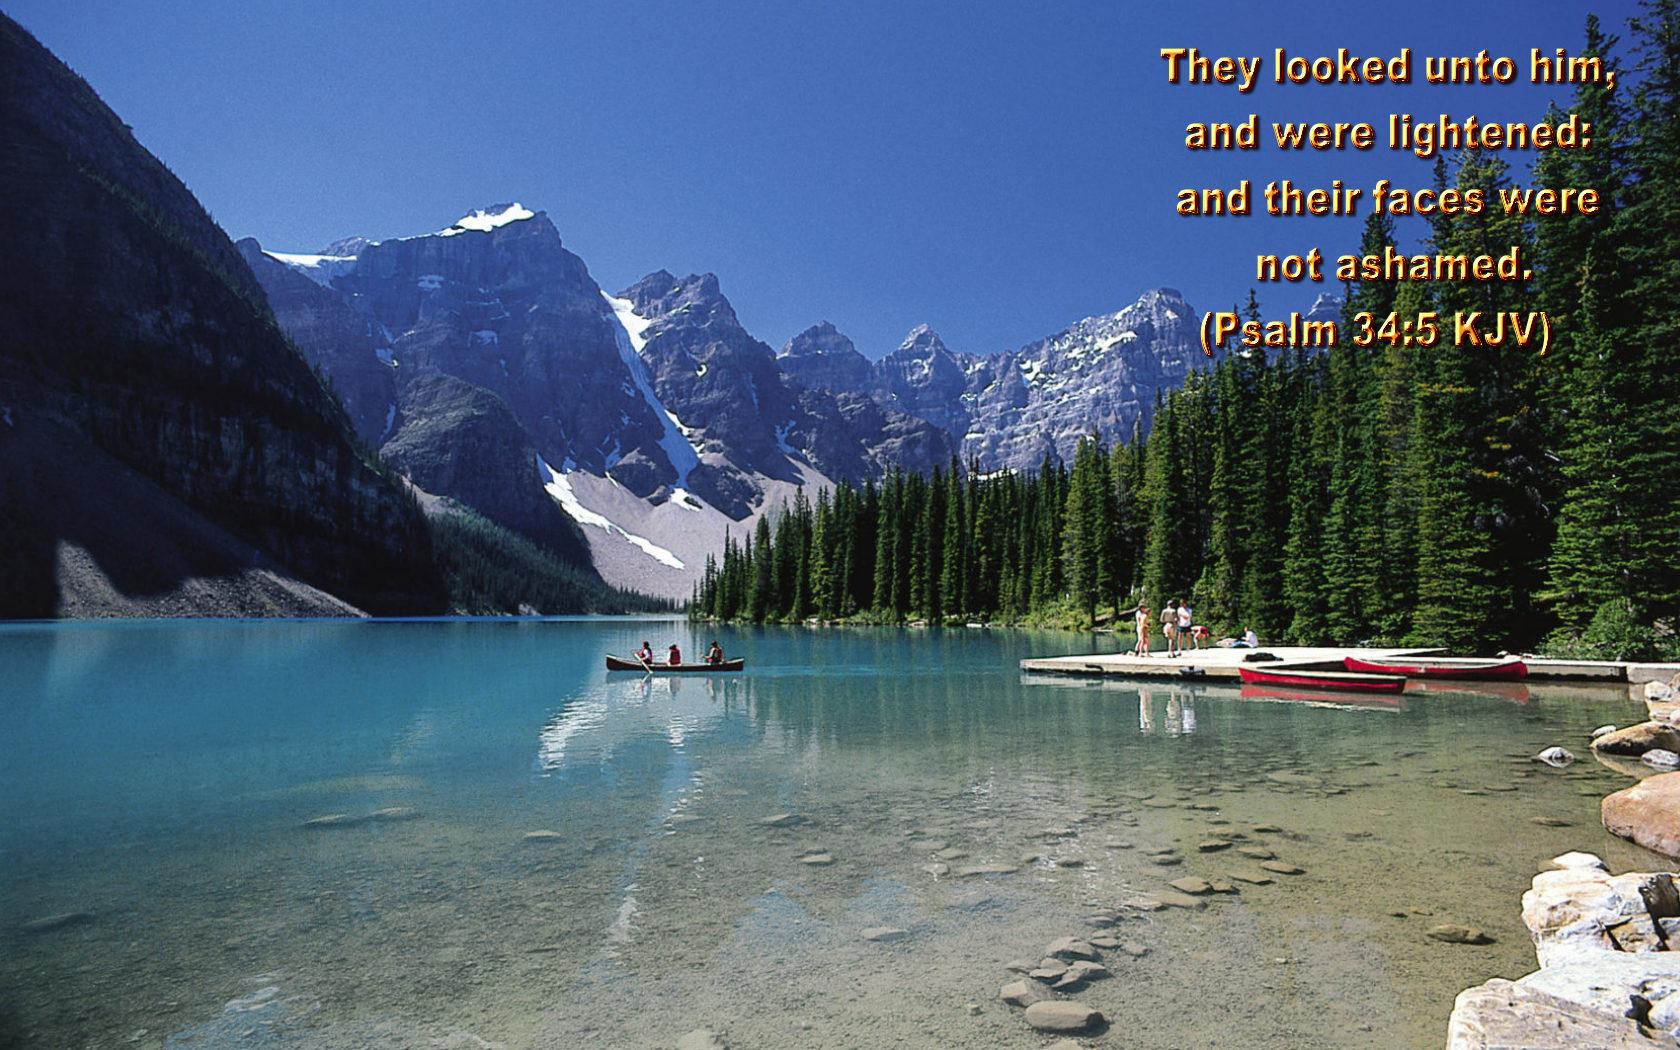 Psalm 34:5 Bible Verse Christian Wallpaper